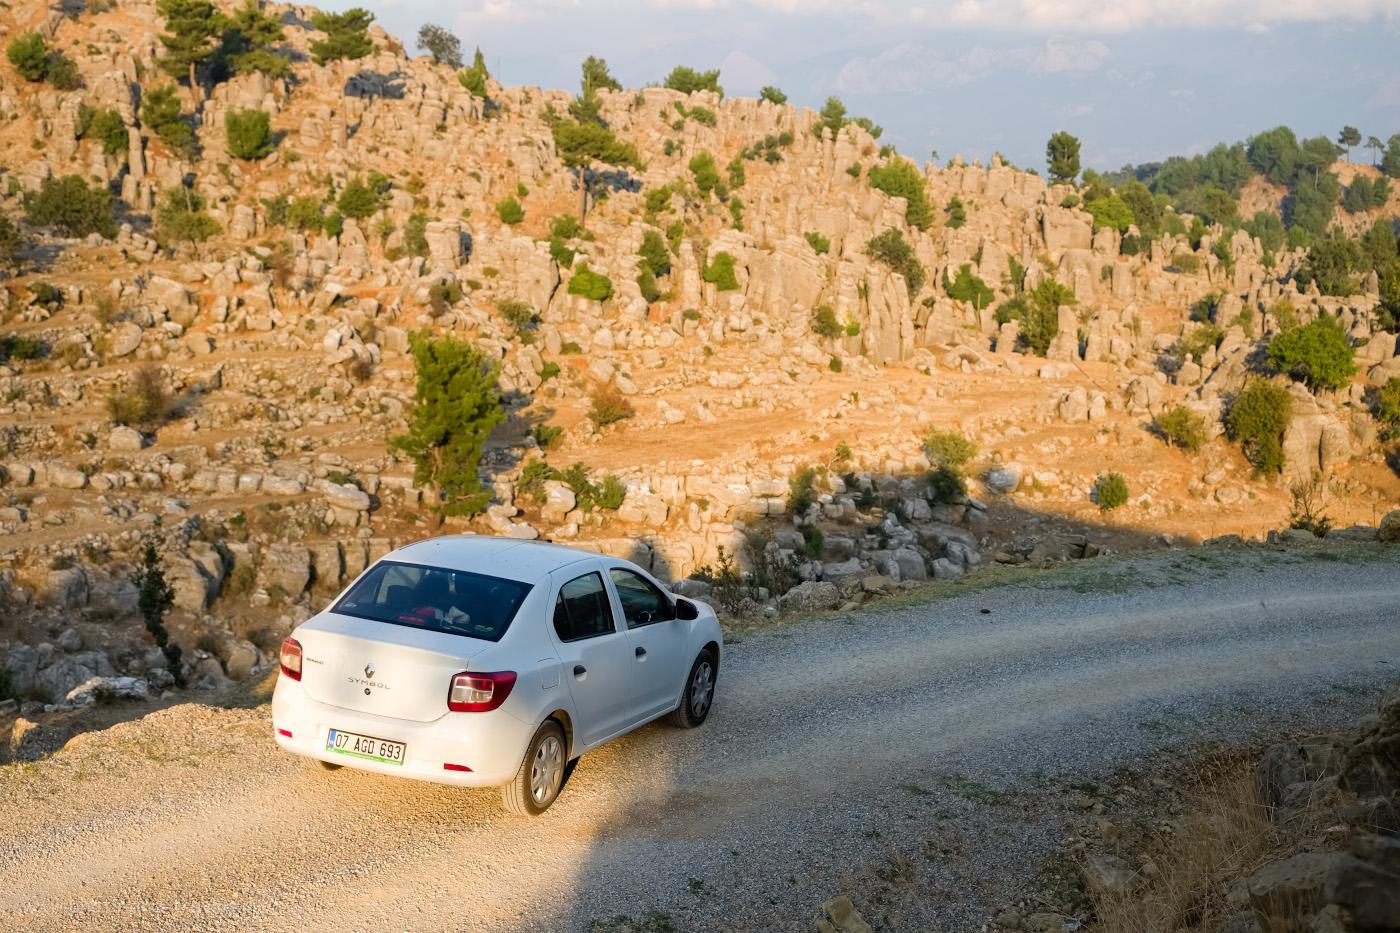 Фотография 11. Скальные ландшафты в окрестностях Сельге. Стоит ли ехать на эту экскурсию из Белека или Сиде? Обязательно! 1/1500, 2.8, 200, +0.33, 32.